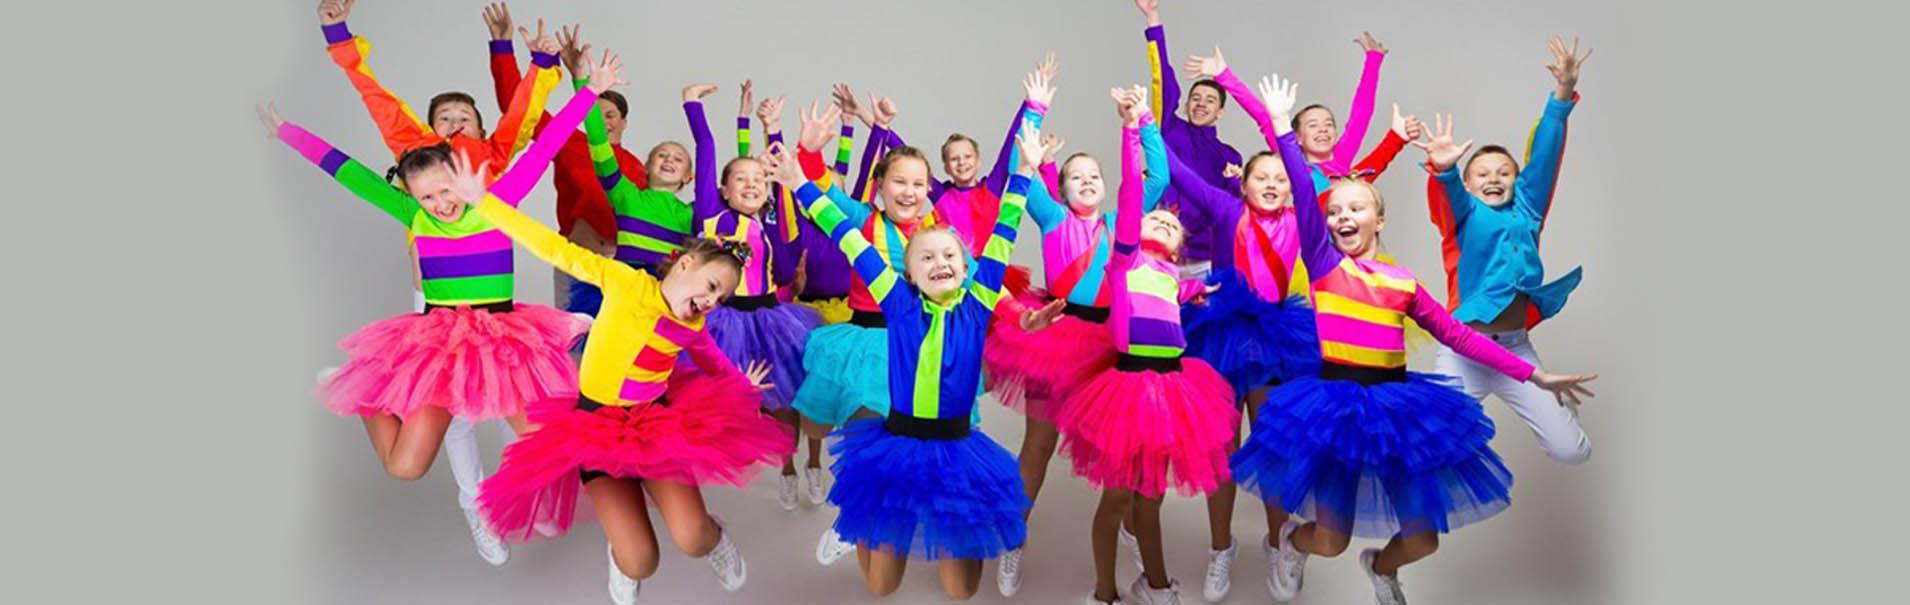 Обучение детей вокалу и хореографии. Минск